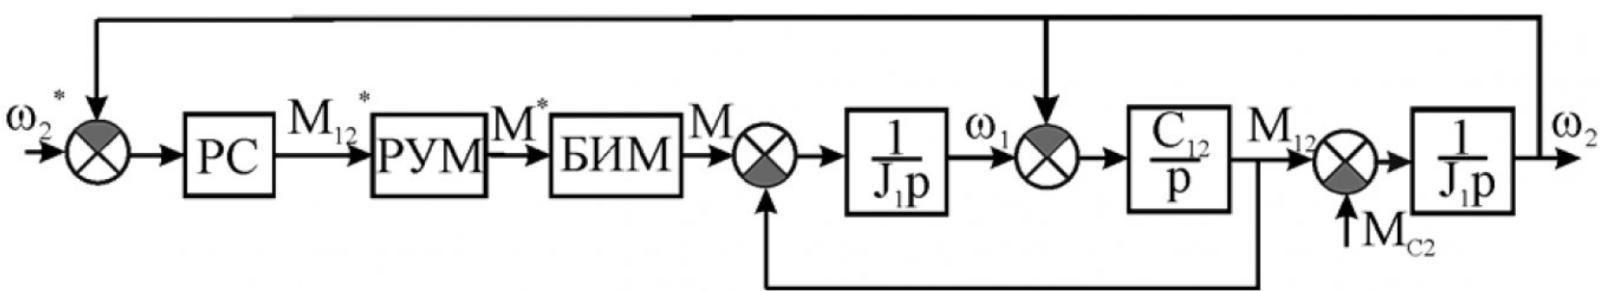 Рисунок 1 – Структурная схема электропривода подъема мостового крана